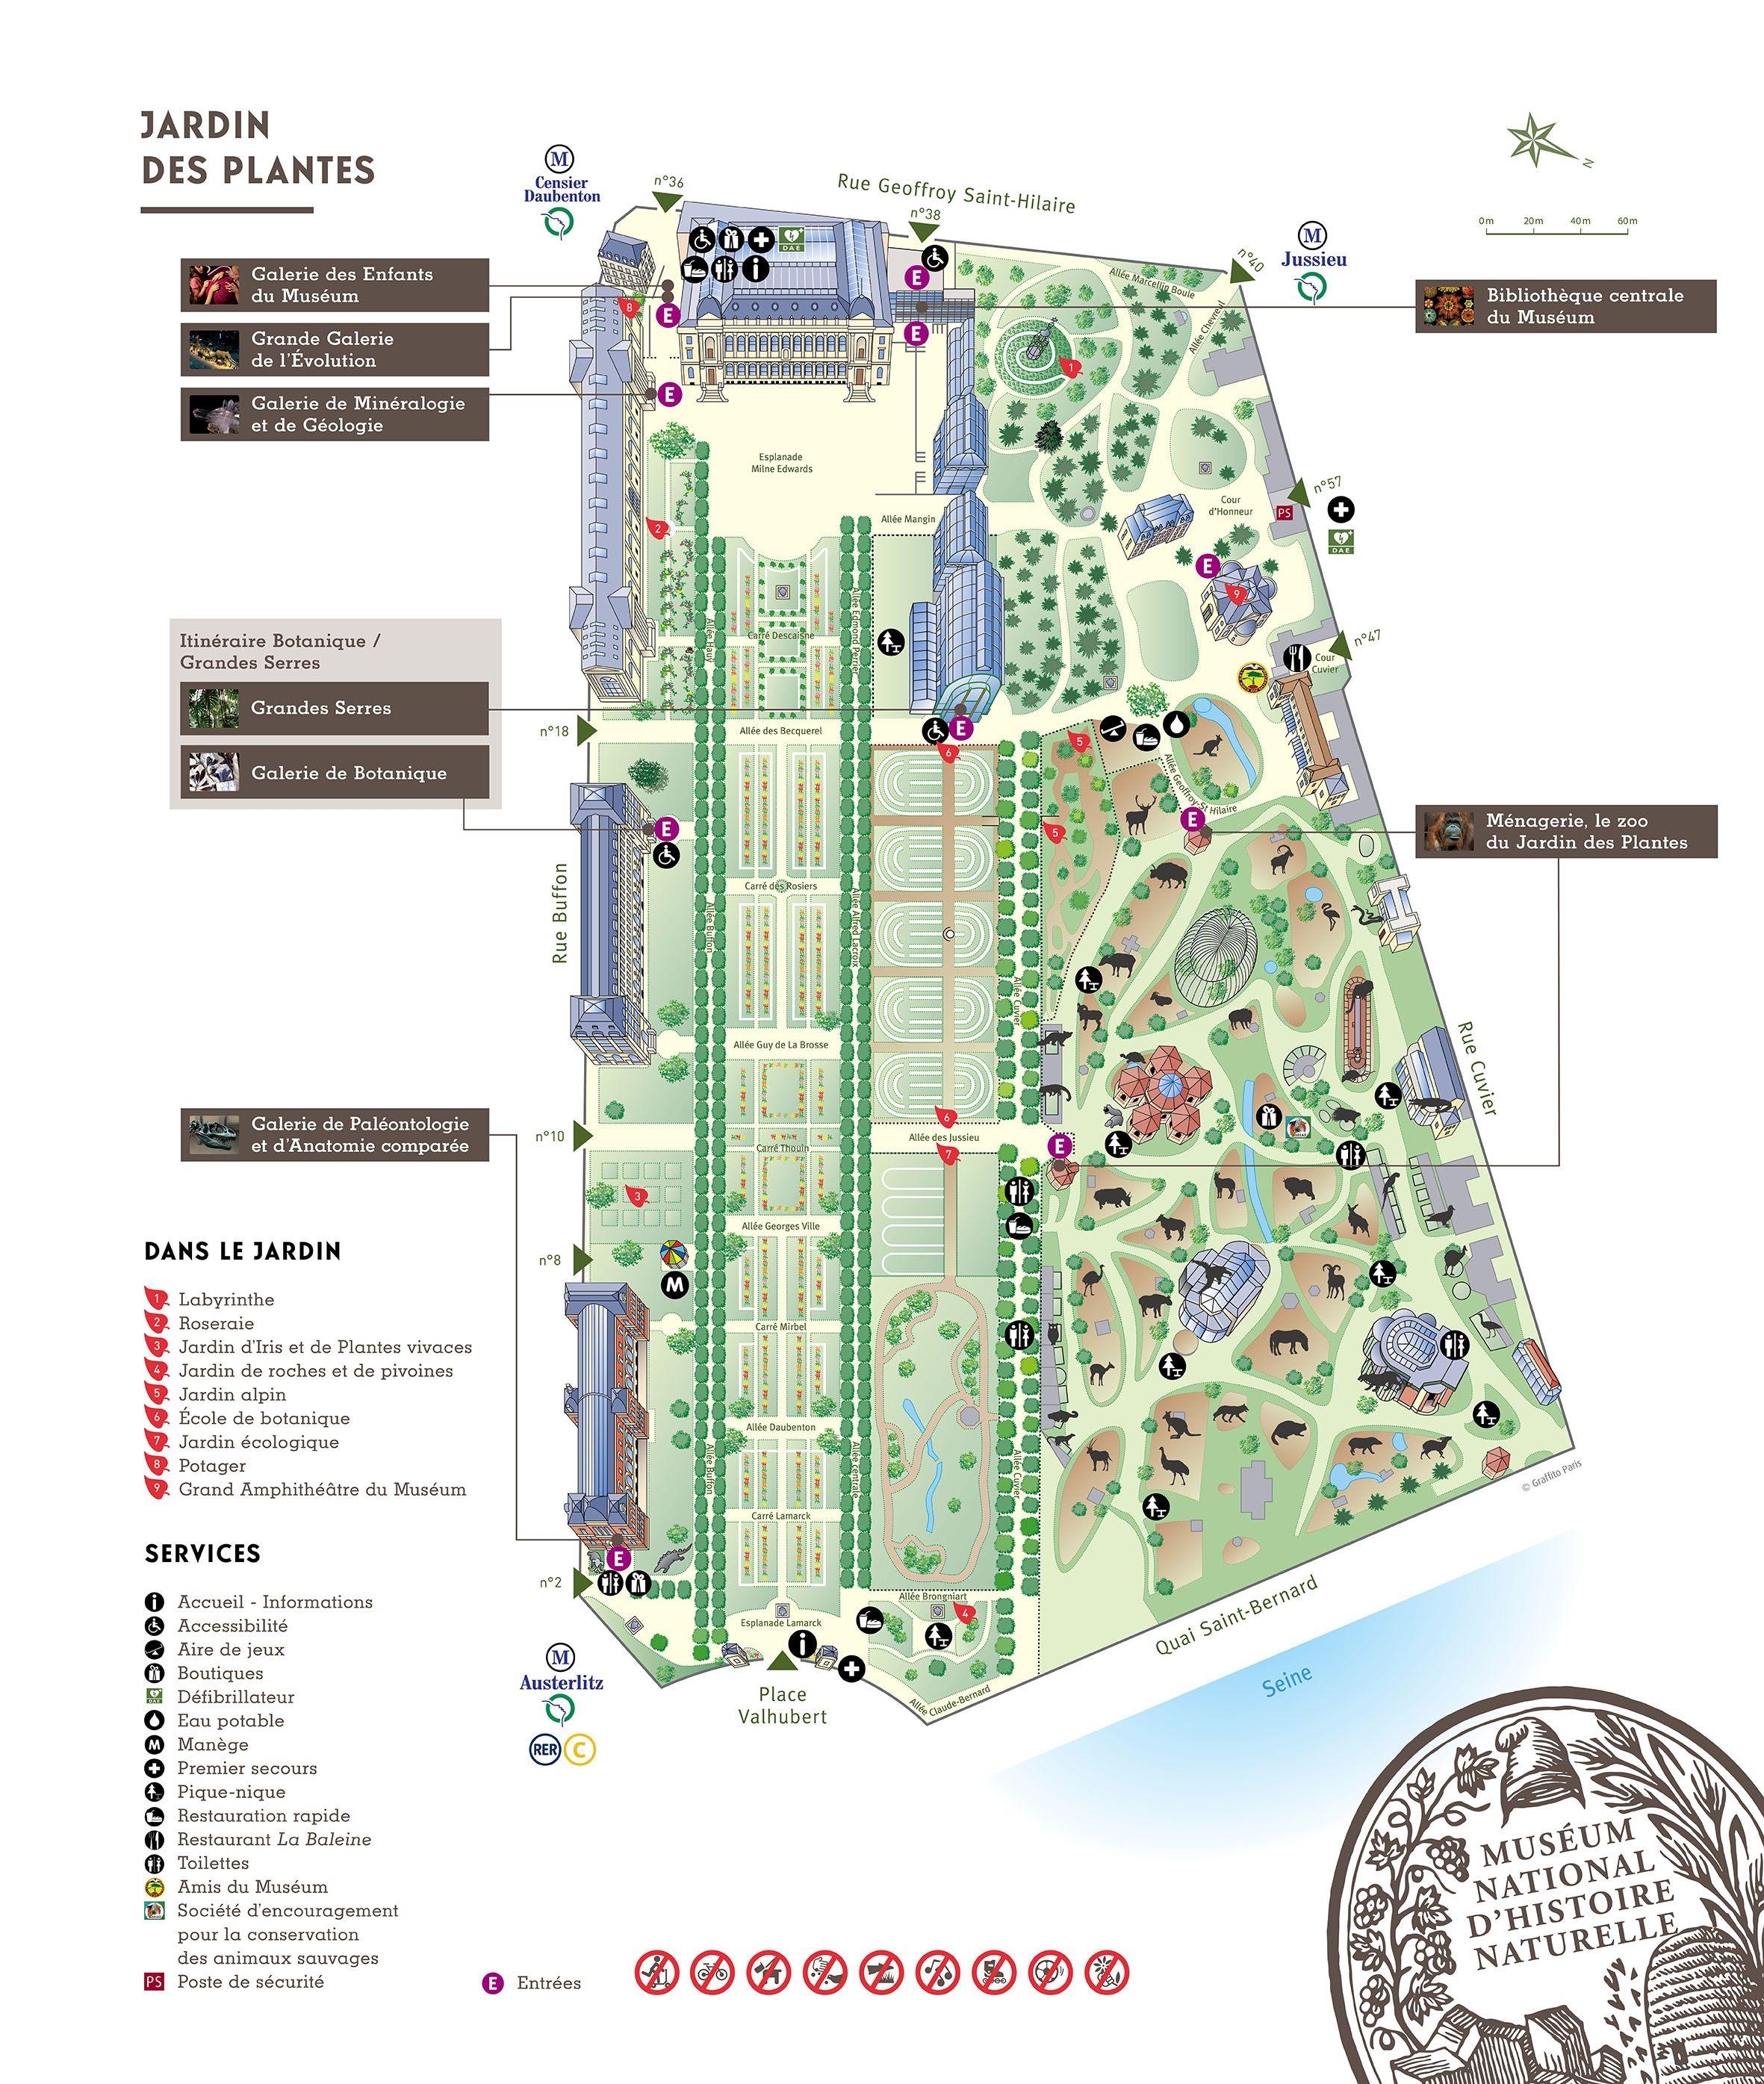 Plan du jardin des plantes bienen - Jardin des plantes angers horaires ...